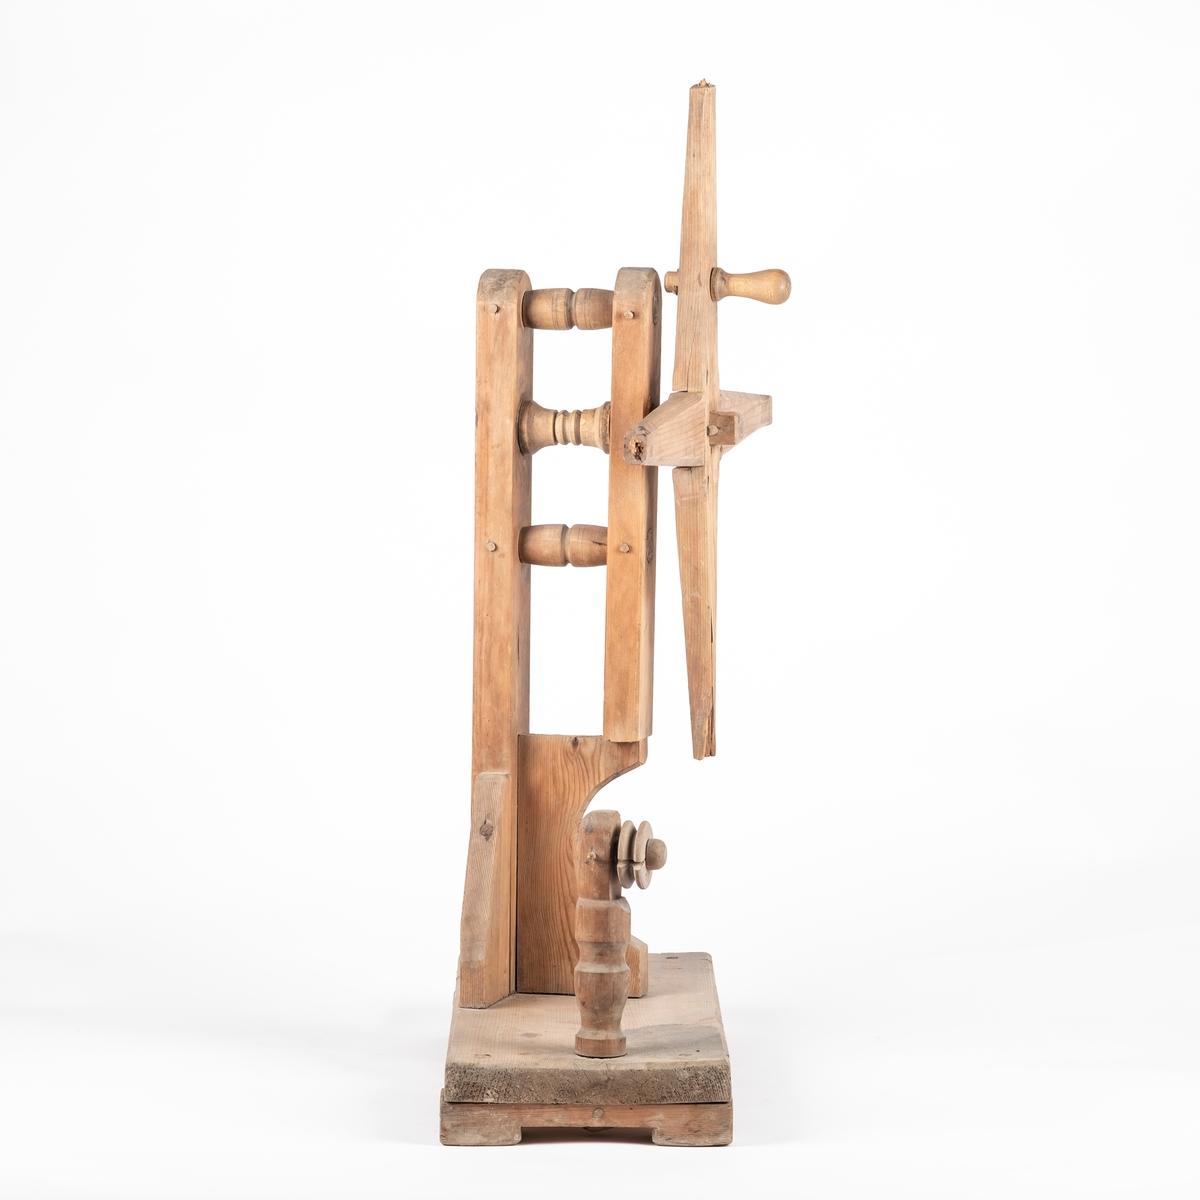 """Selve hespetreet består av to tilskårne treplanker som ligger i kors. De pinnene som skal sitte ytterst på hver av plankeendene, mangler. Sirkelformet slitasjespor som tyder på manglende del midt på korset. Sveivehåndtak festet på korset. Stativet er en """"ryggsøyle"""" som står parallelt med en tilsvarende tykk planke. Disse to er koblet til hverandre med to dreide pinner, som er tappet gjennom dem. Fra baksiden av hespetreet går det en rund pinne gjennom de parallelle, vertikale plankene, og ved hjelp av dette kan det rotere. Stativet med hespetreet står  på en trebjelke med føtter. Og ved ene enden av denne står det dreid oppsett med trinse.   Alle runde bestanddeler er profilerte og har enkle border."""